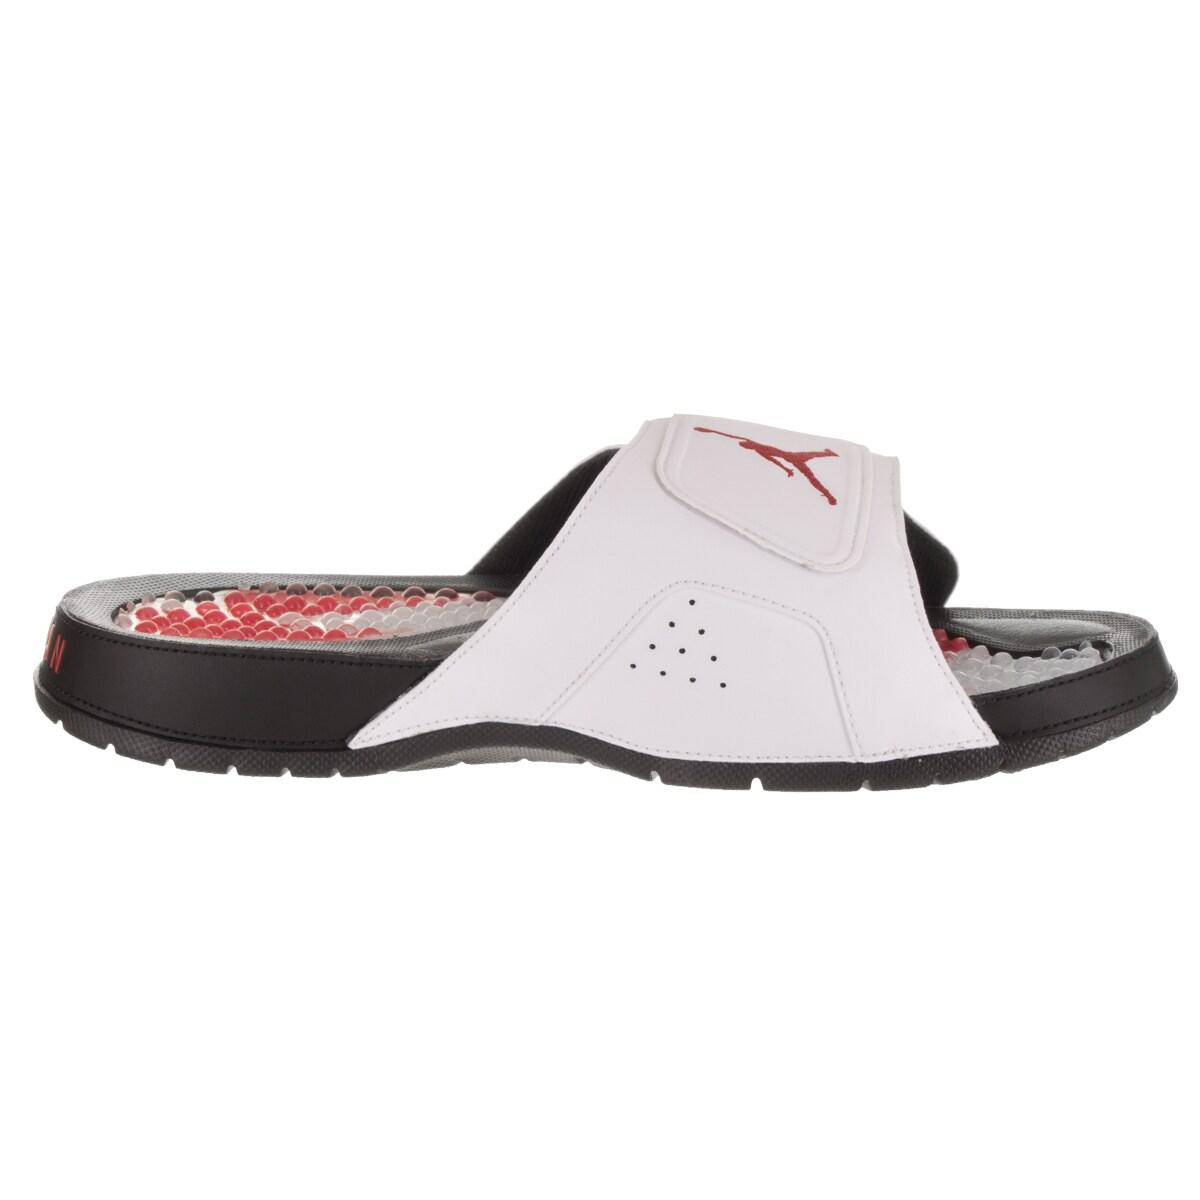 78d8340f3 Shop Nike Jordan Men s Jordan Hydro VI Retro Synthetic Leather Sandal -  Free Shipping Today - Overstock - 14163337